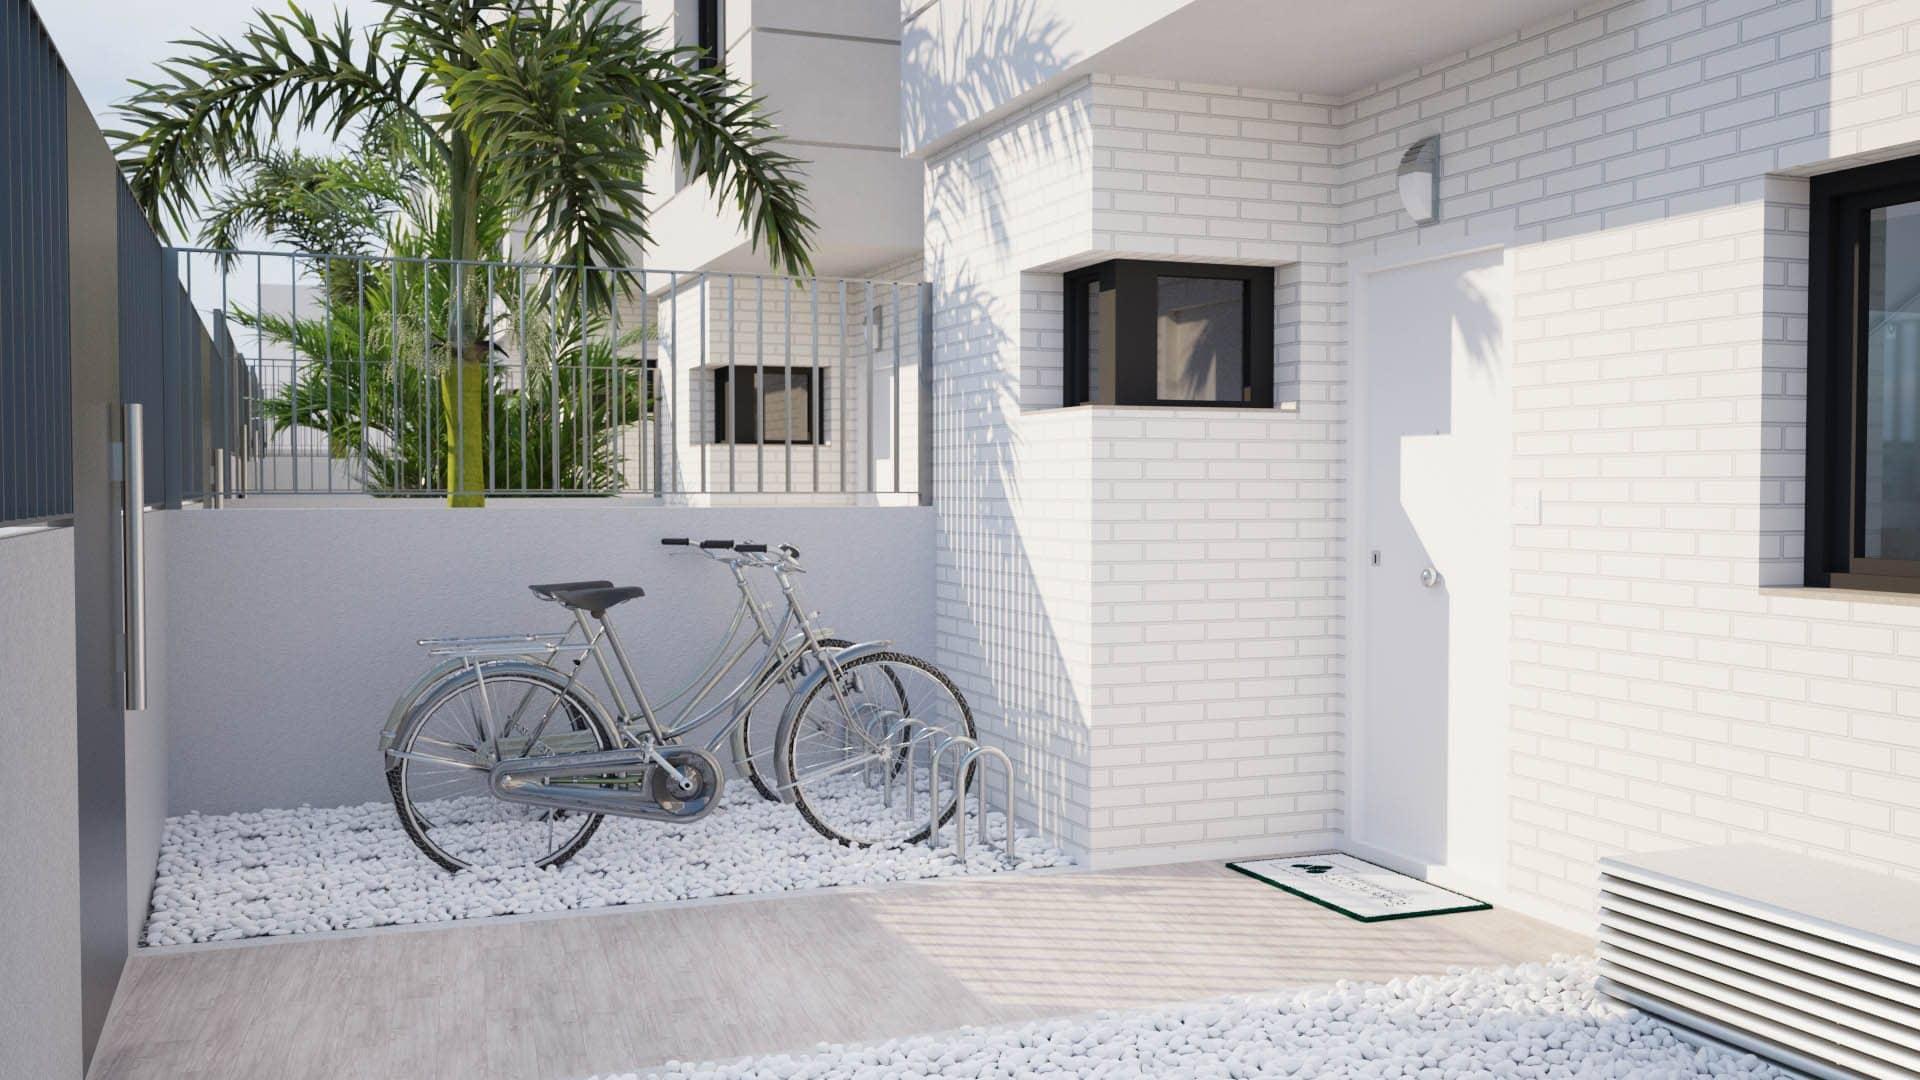 Imagen exterior de la fachada de una vivienda adosada en San Juan de Alicante